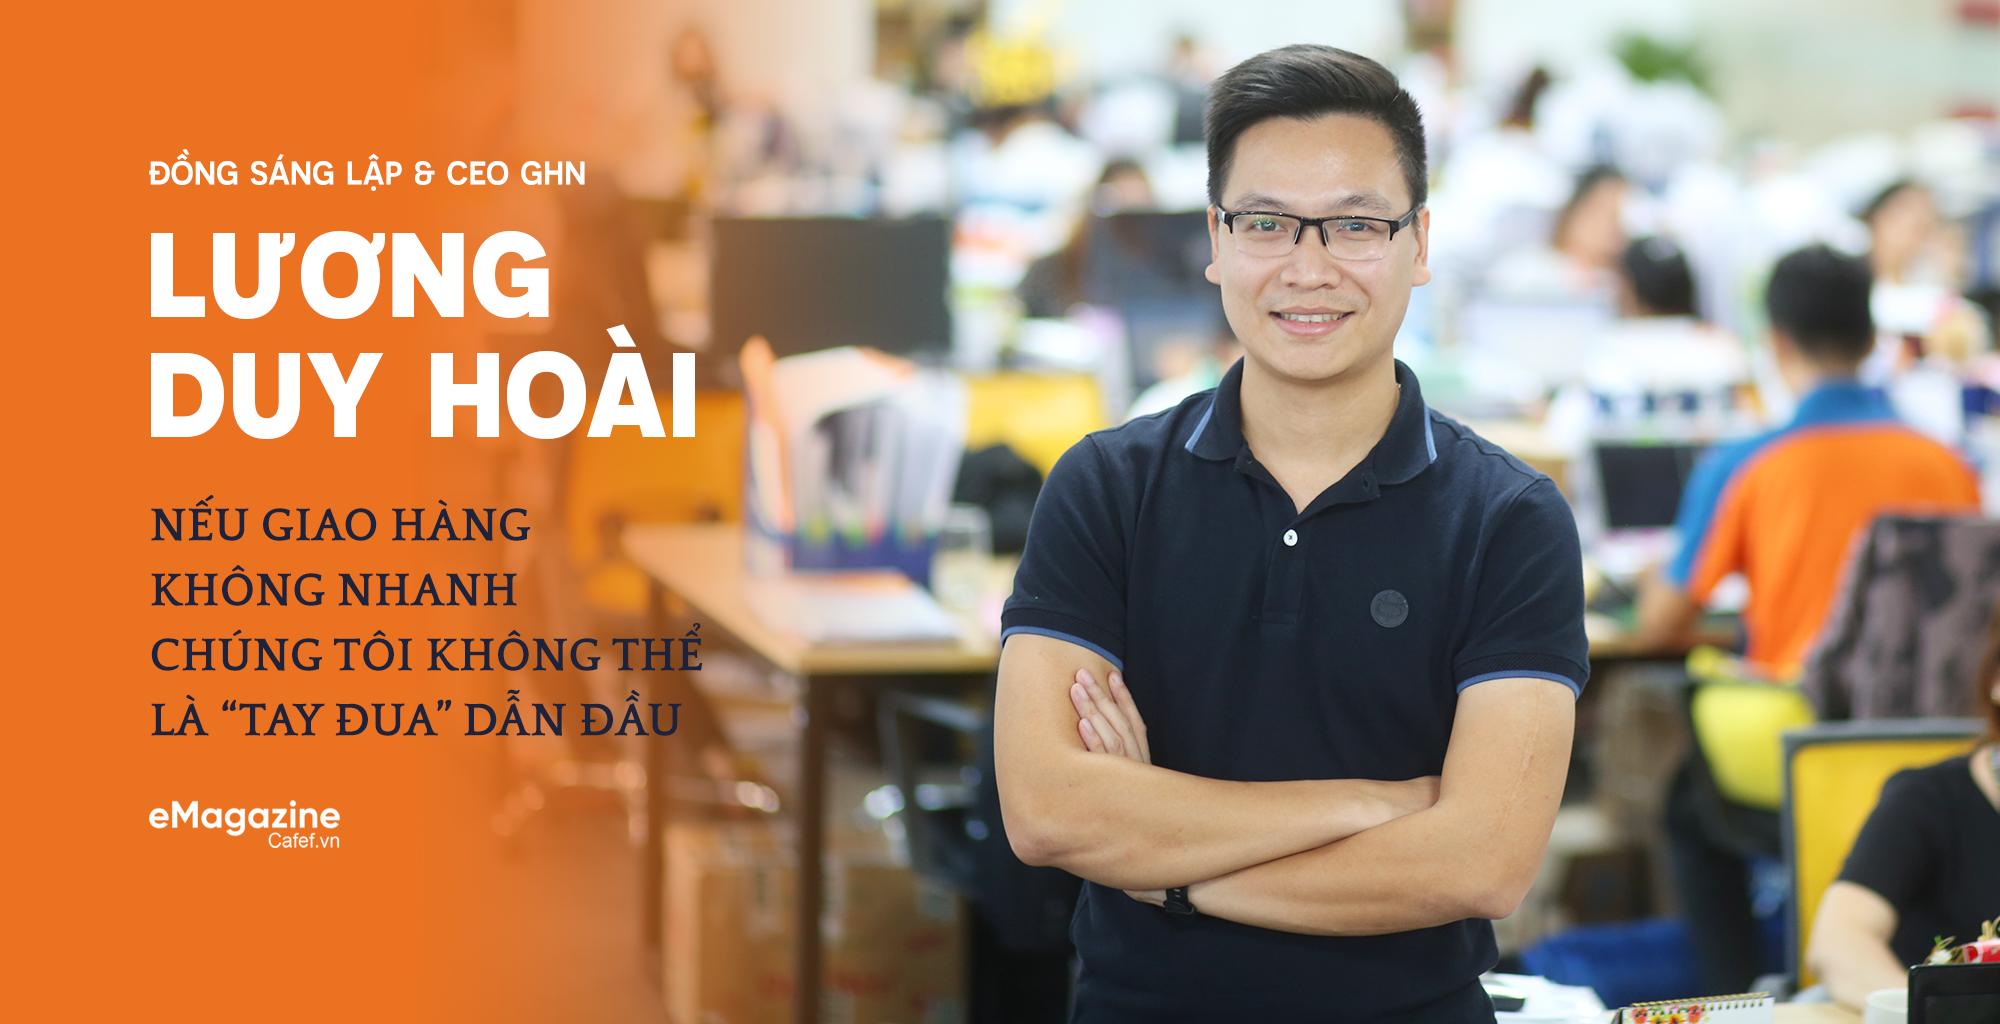 """Đồng sáng lập và CEO GHN Lương Duy Hoài: Nếu giao hàng không nhanh, chúng tôi không thể là """"tay đua"""" dẫn đầu"""